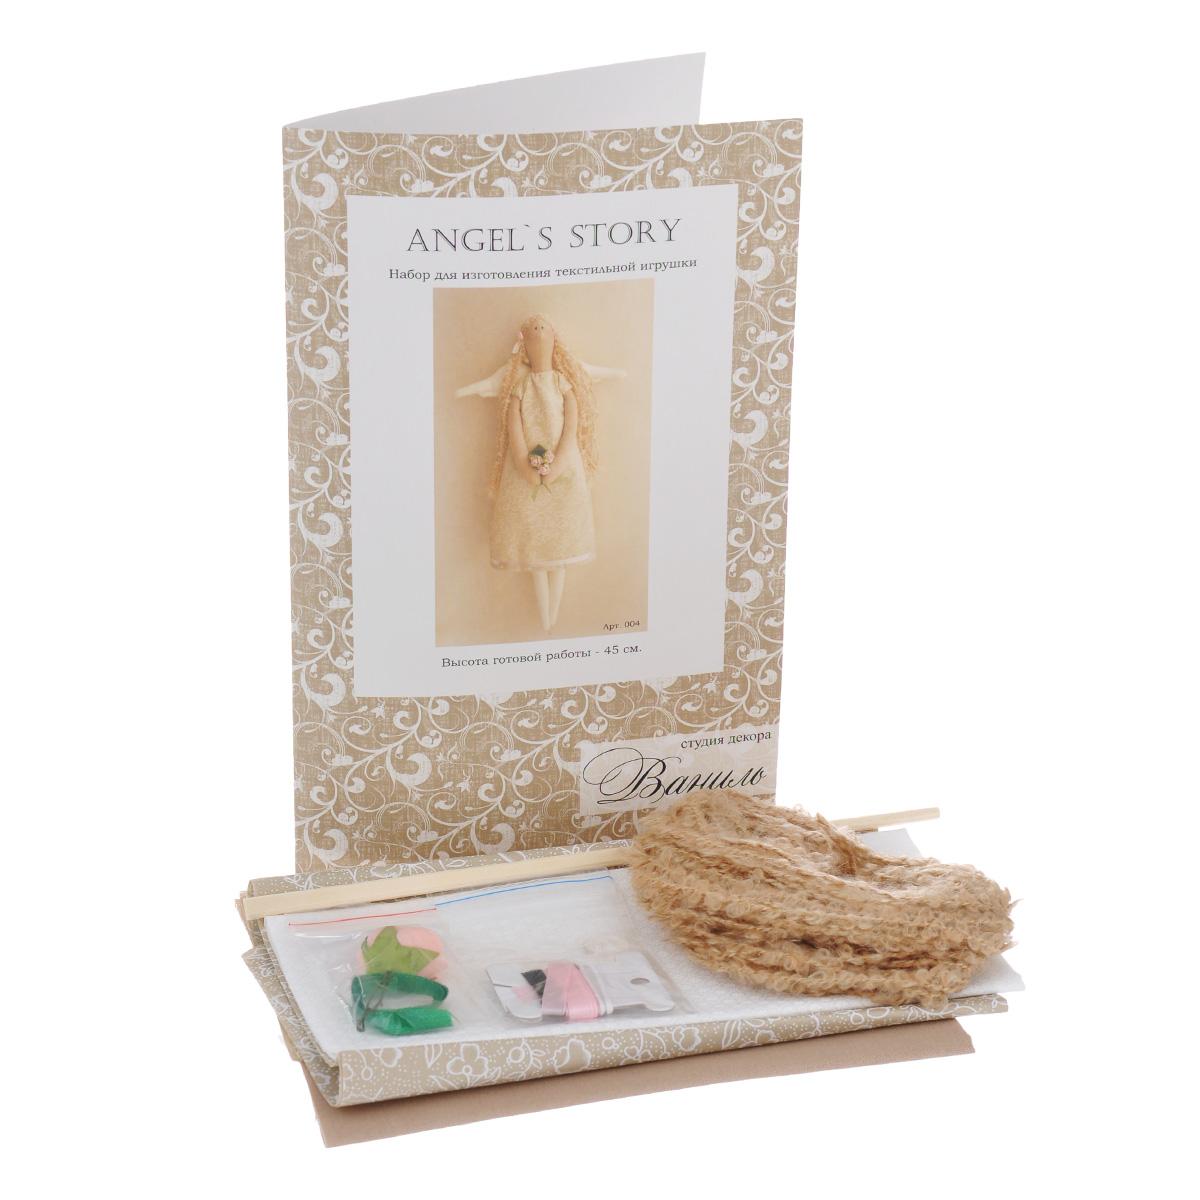 Набор для изготовления игрушки Ваниль Angel's Story, высота 45 см набор для изготовления текстильной игрушки артмикс мишка папа высота 25 см